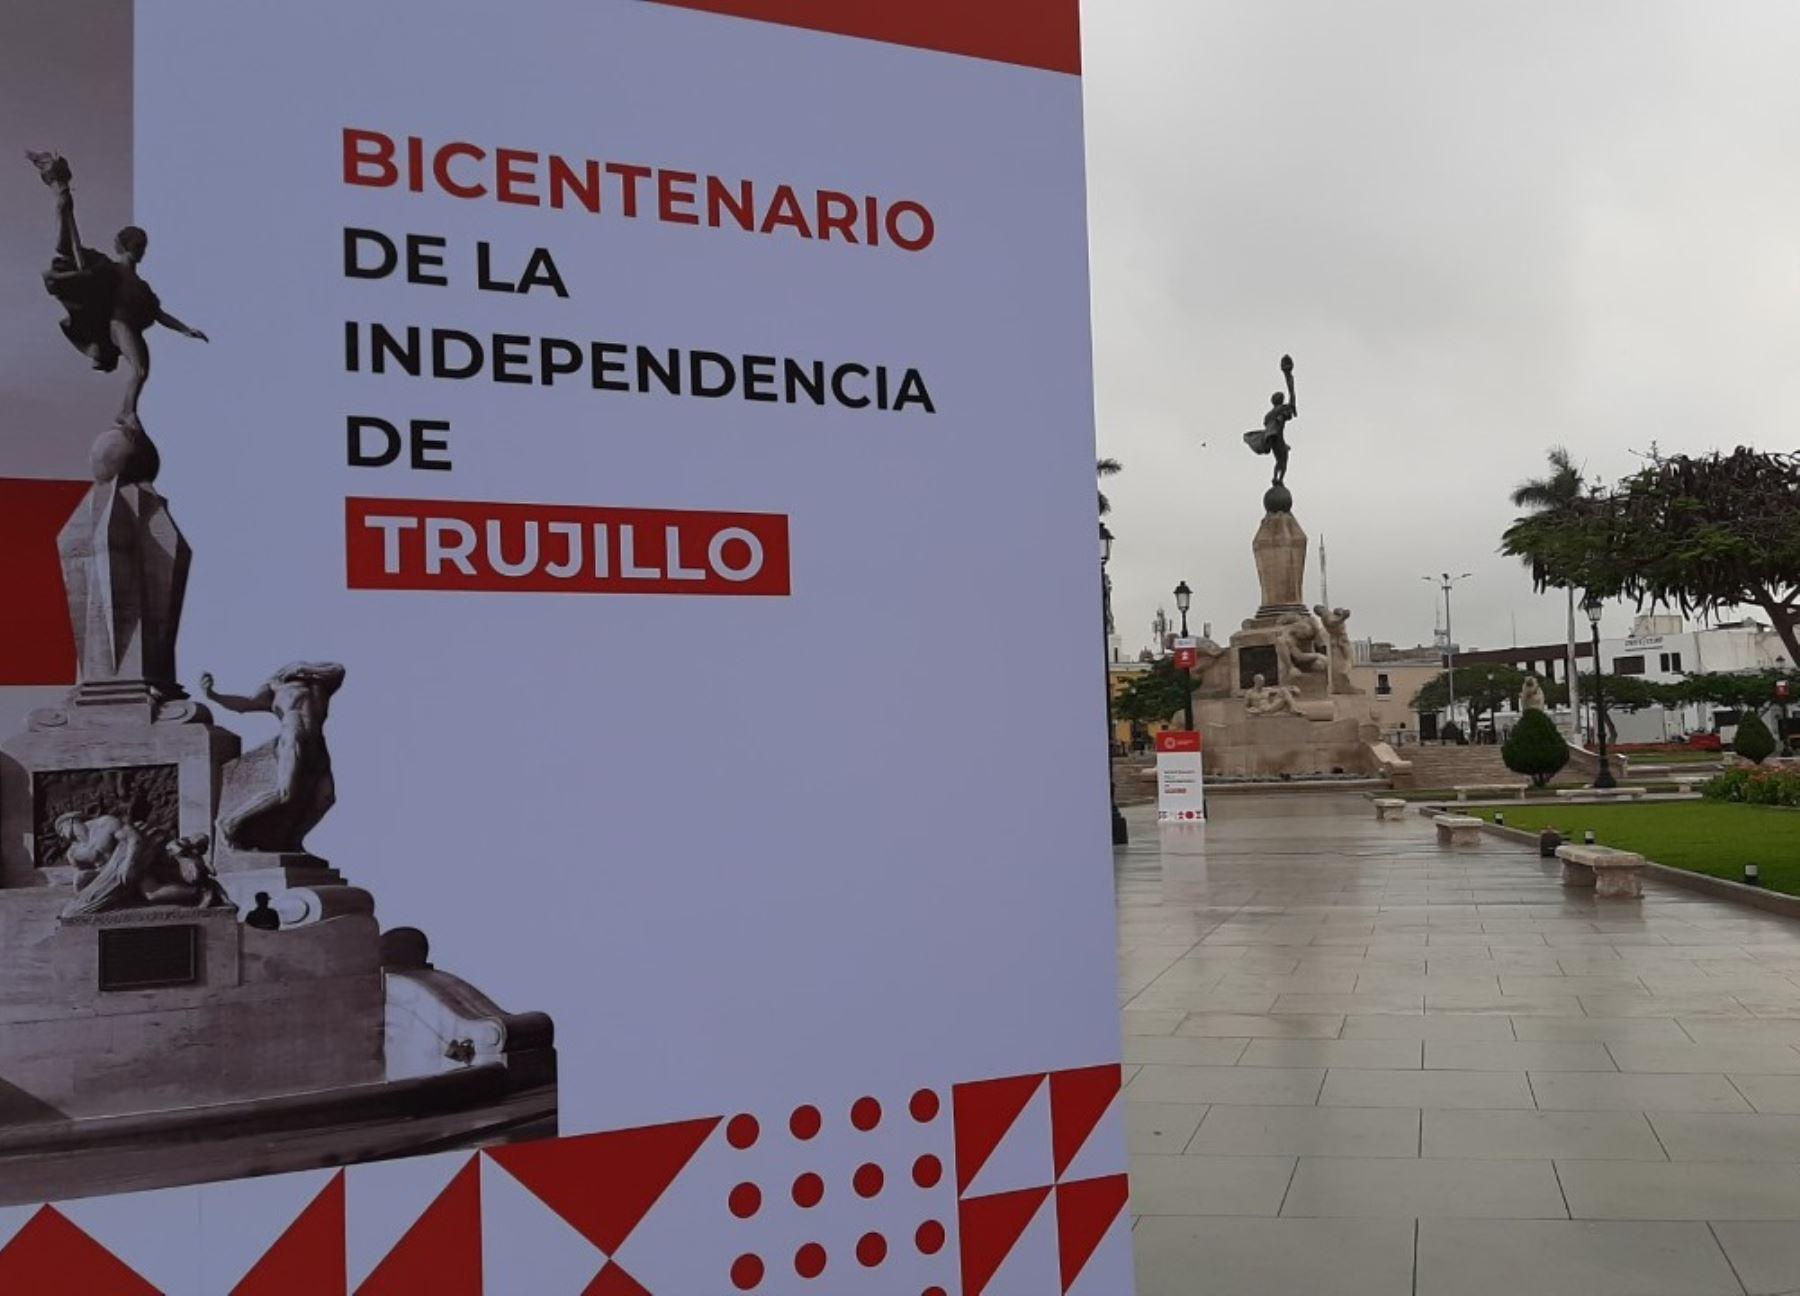 Con diversas actividades, Trujillo celebra hoy 200 años de su independencia.